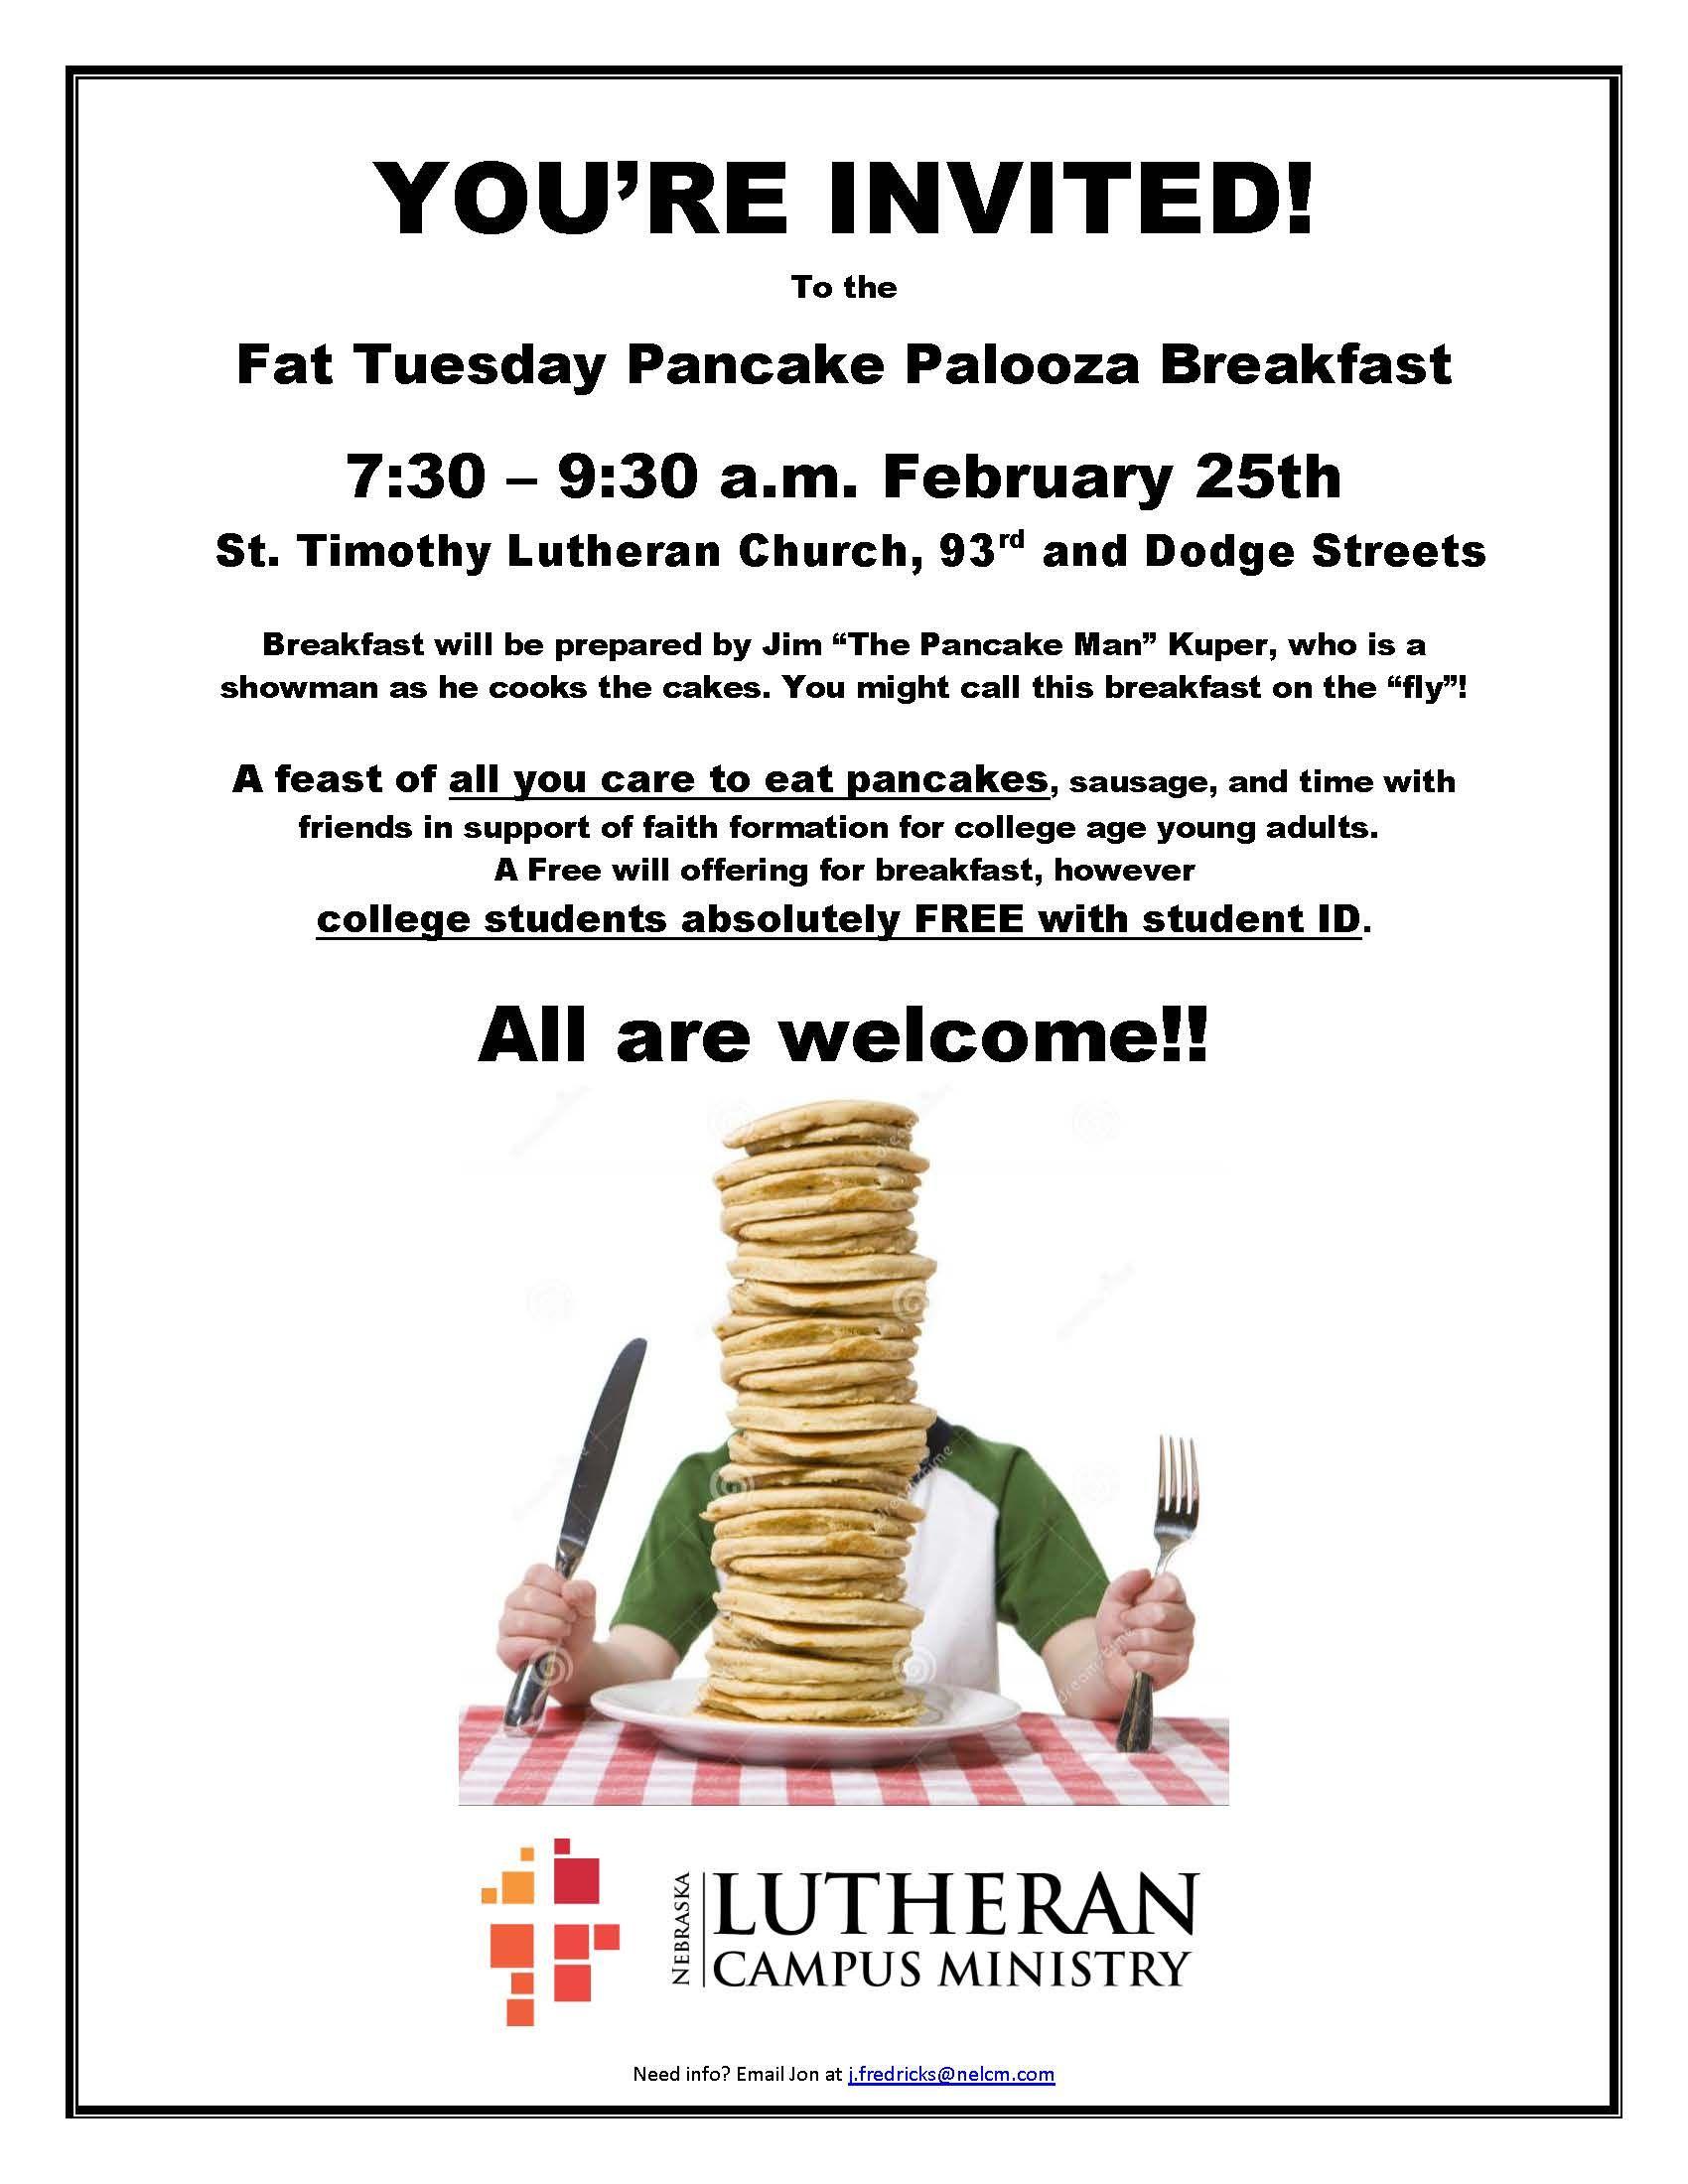 NLCM- Shrove Tuesday Pancake Palooza